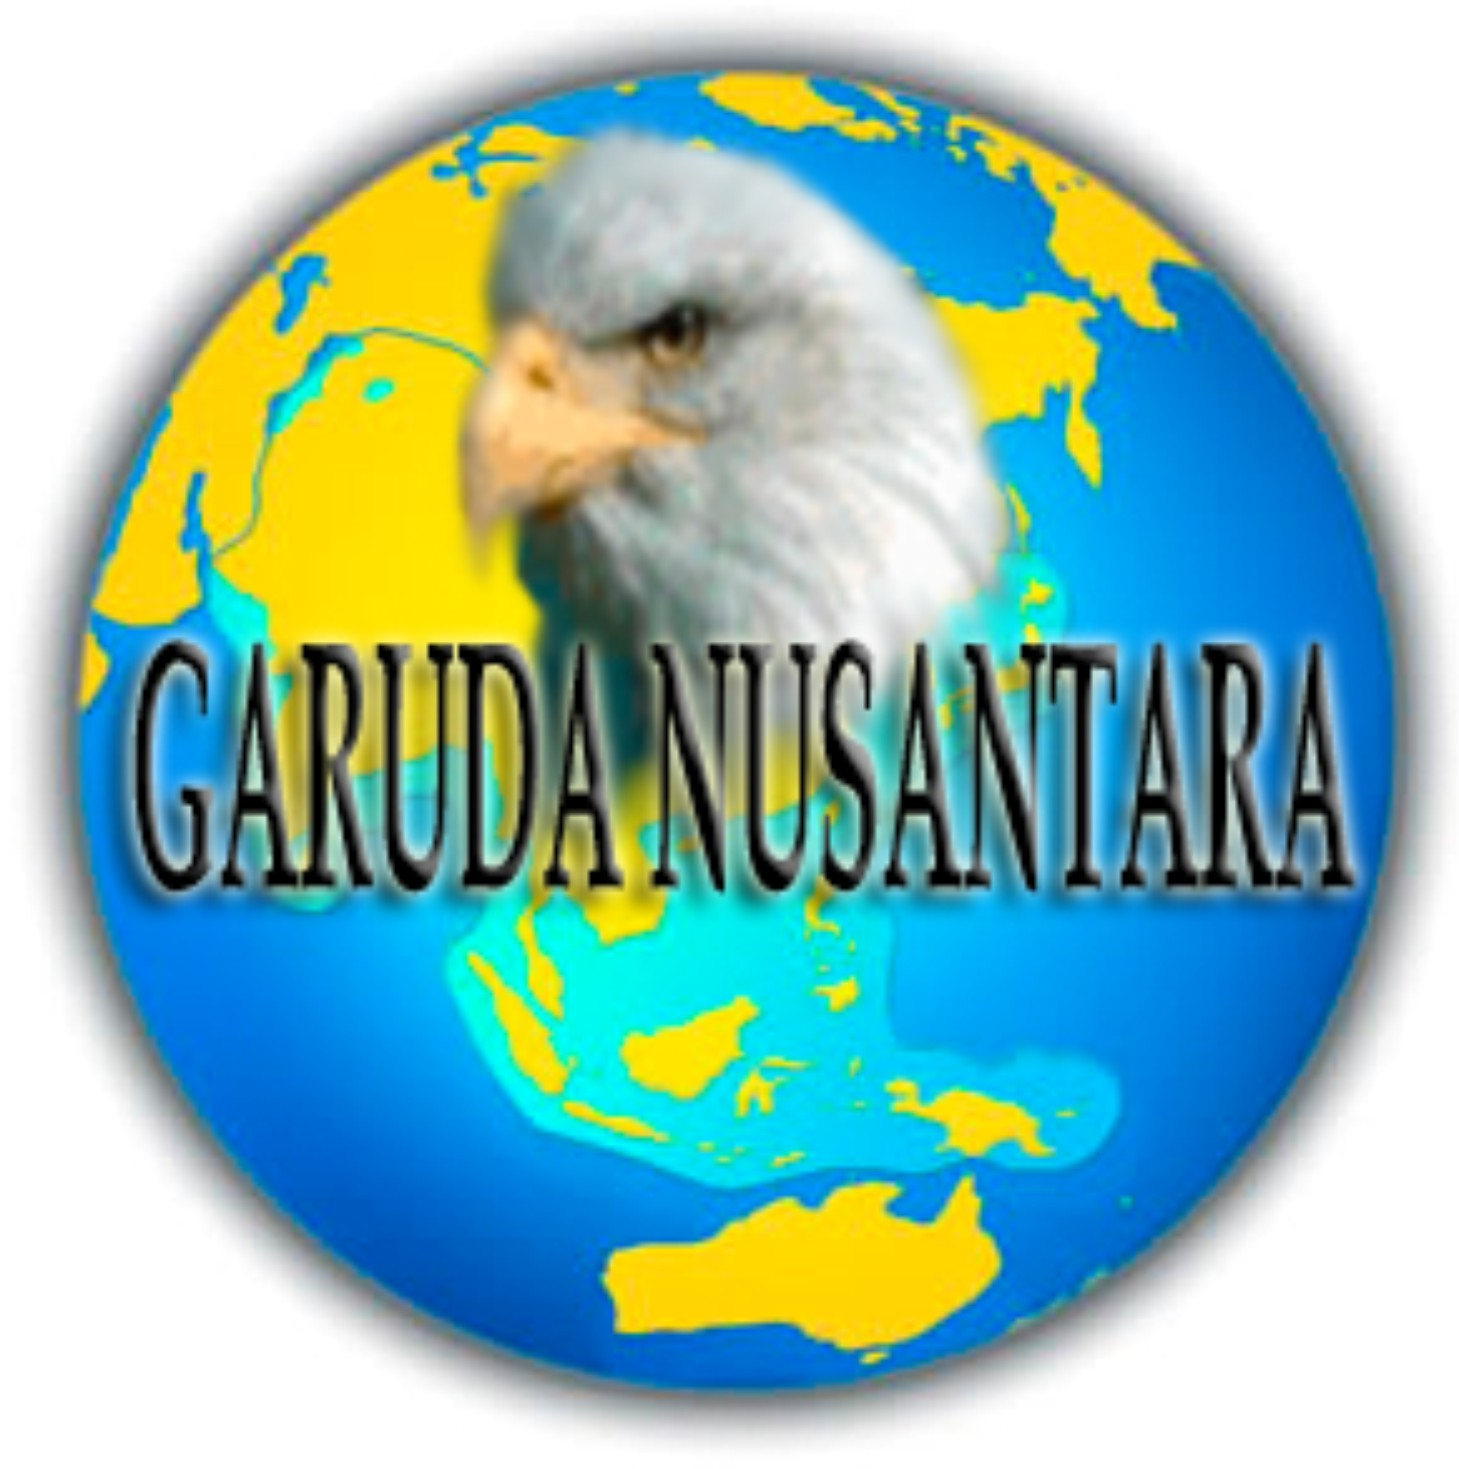 Unduh 65 Koleksi Gambar Garuda Nusantara Paling Bagus Gratis